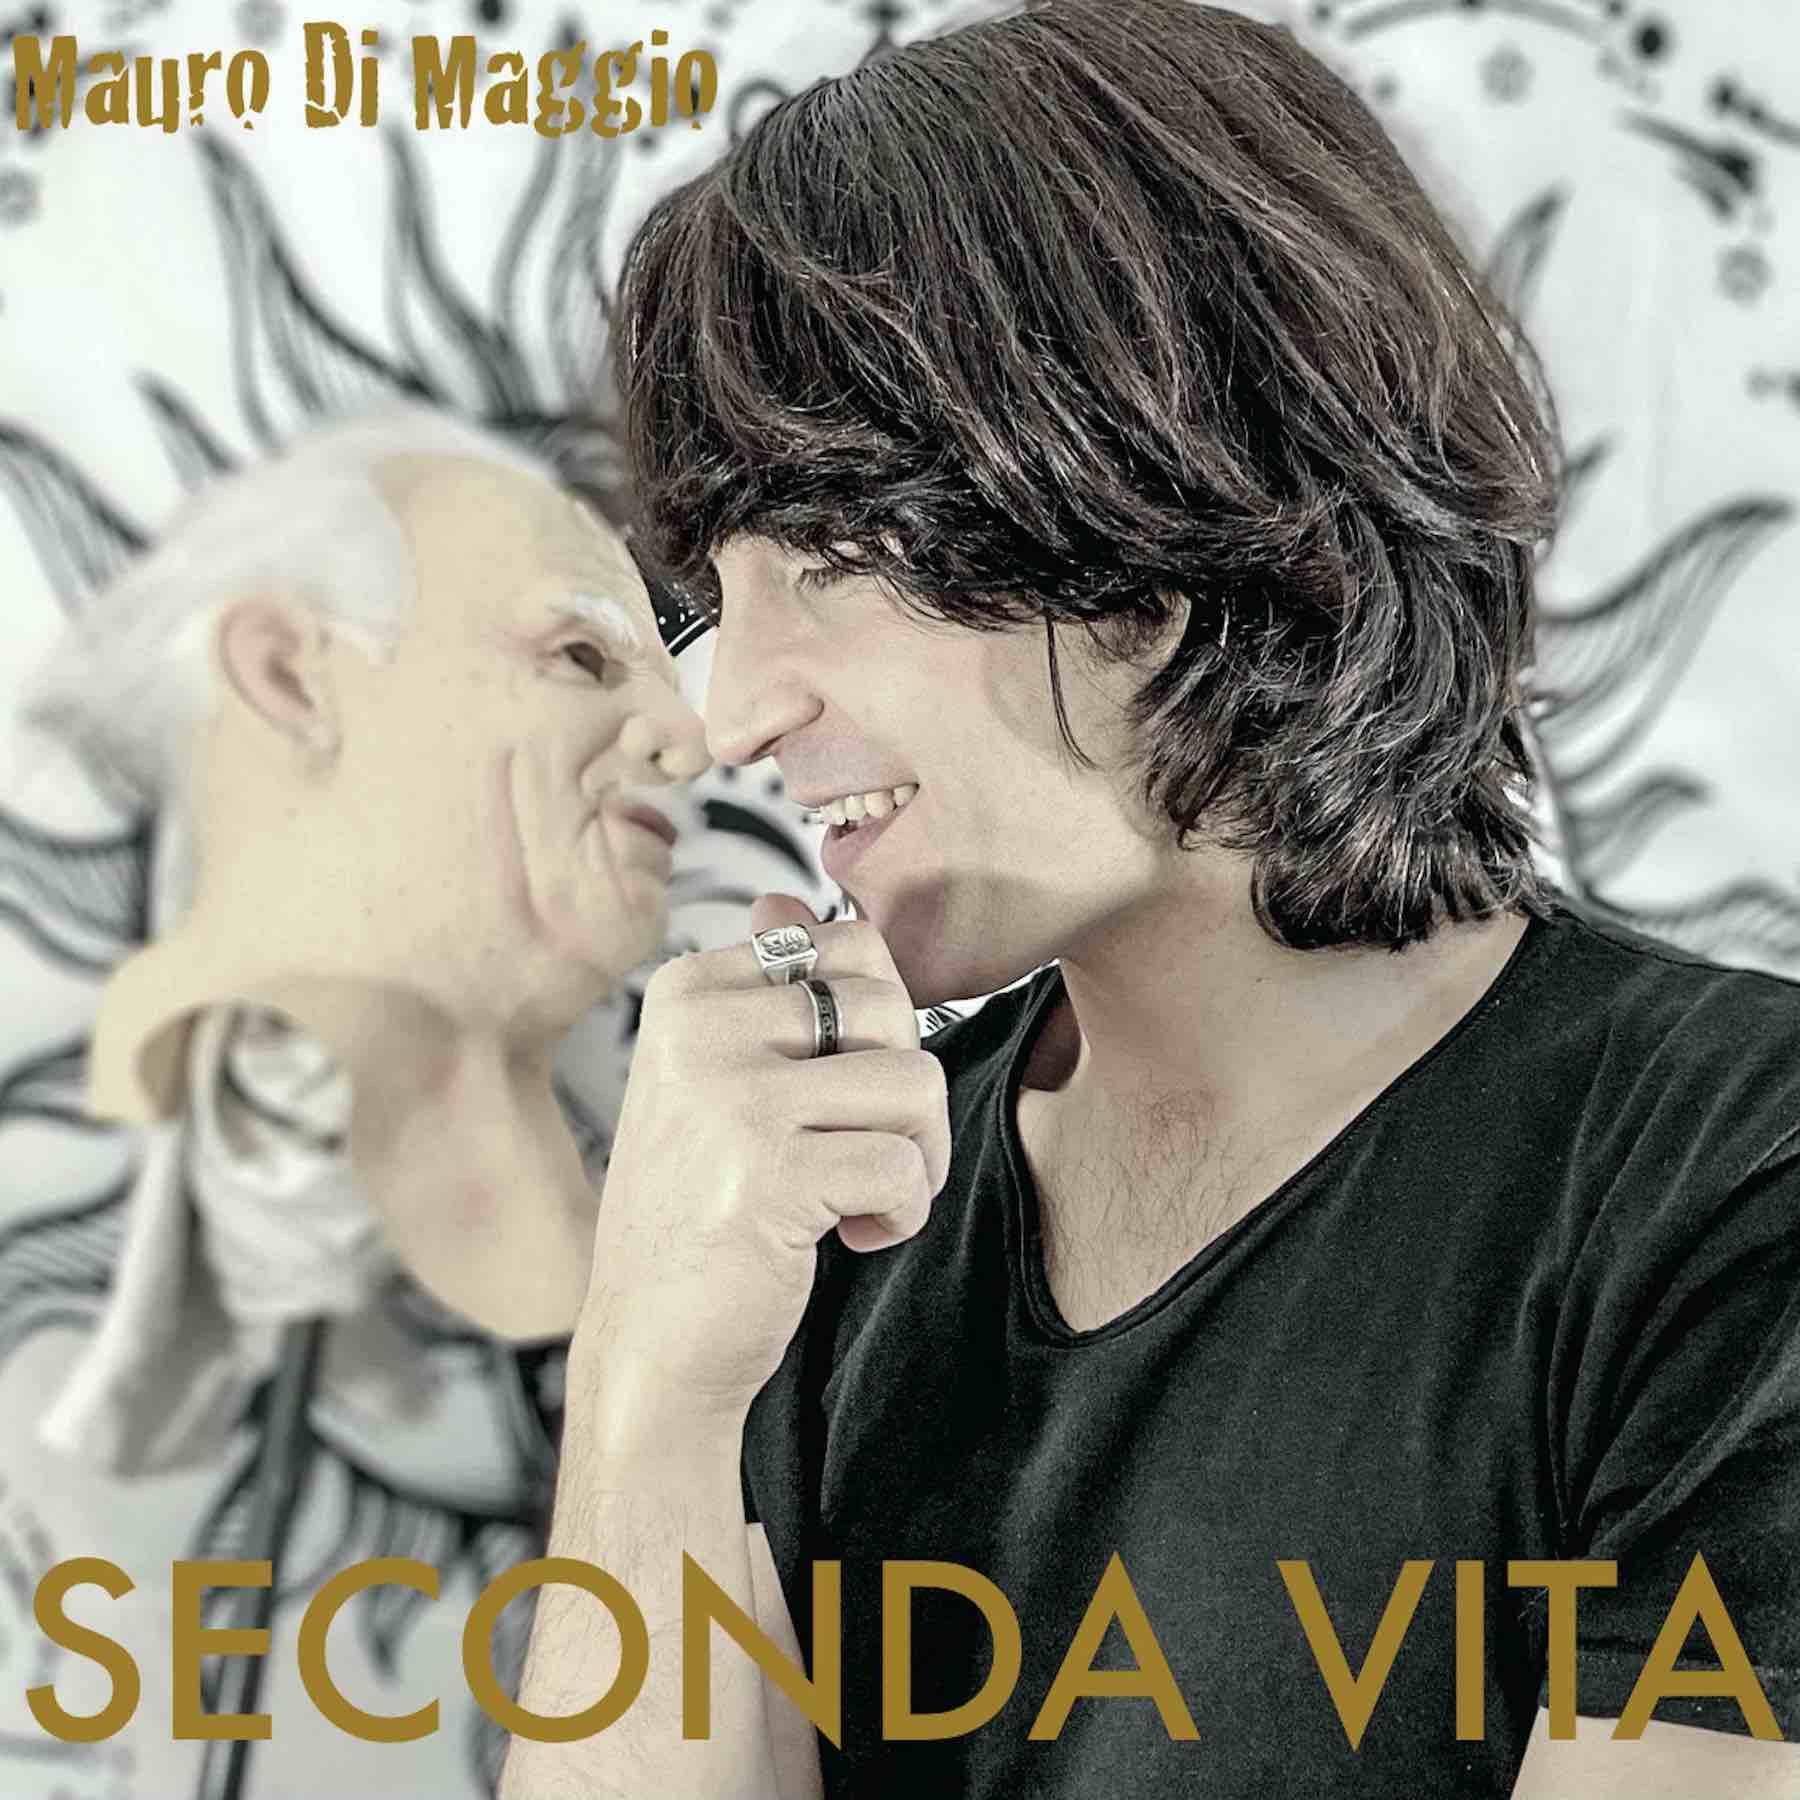 """Esce oggi in digitale """"Seconda Vita"""", il nuovo singolo di Mauro di Maggio"""